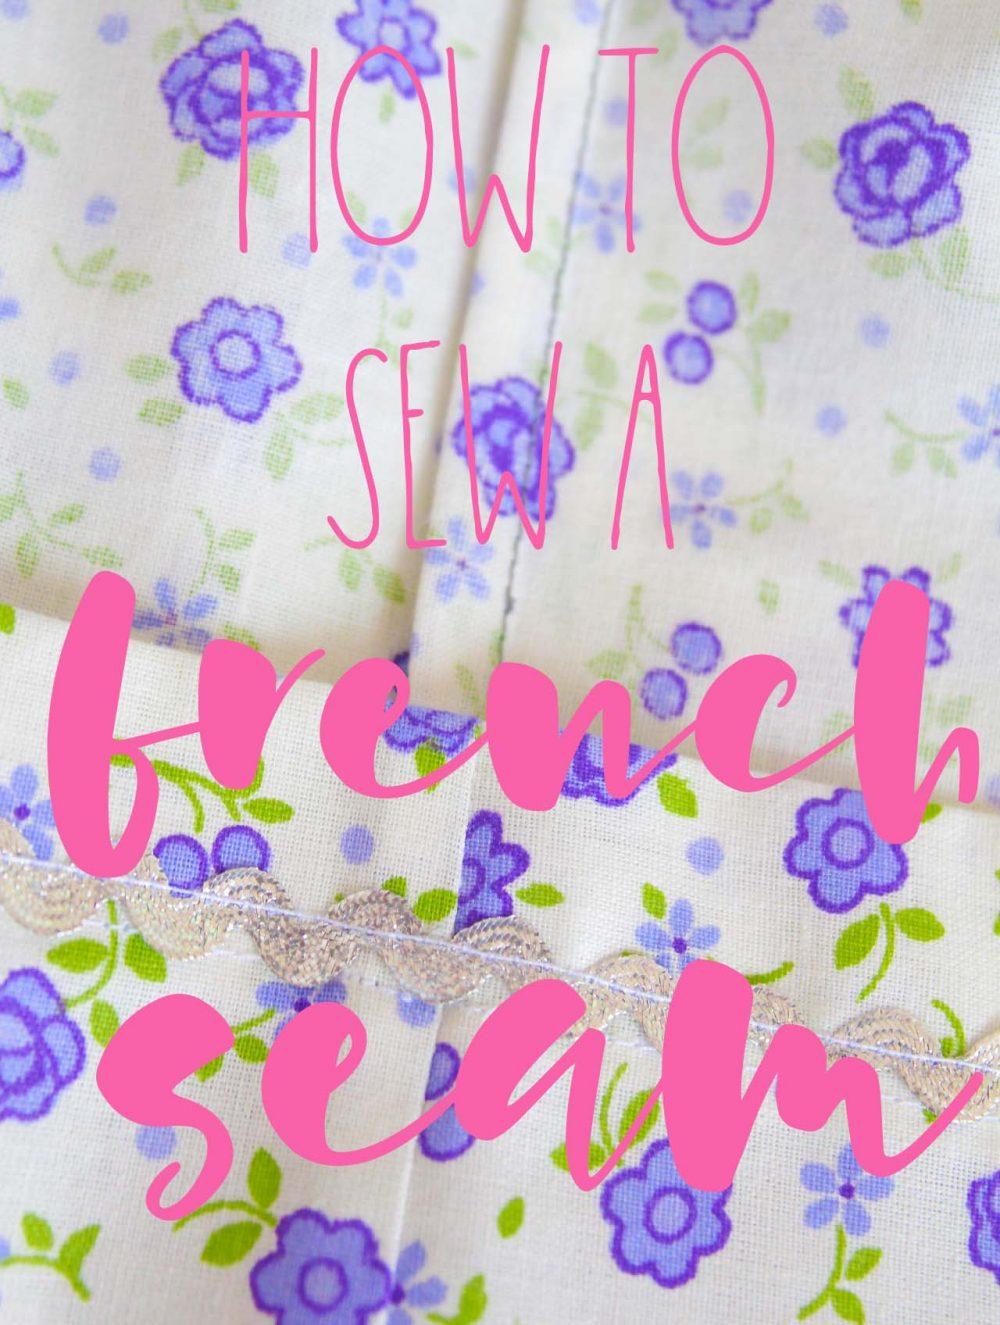 French stitch